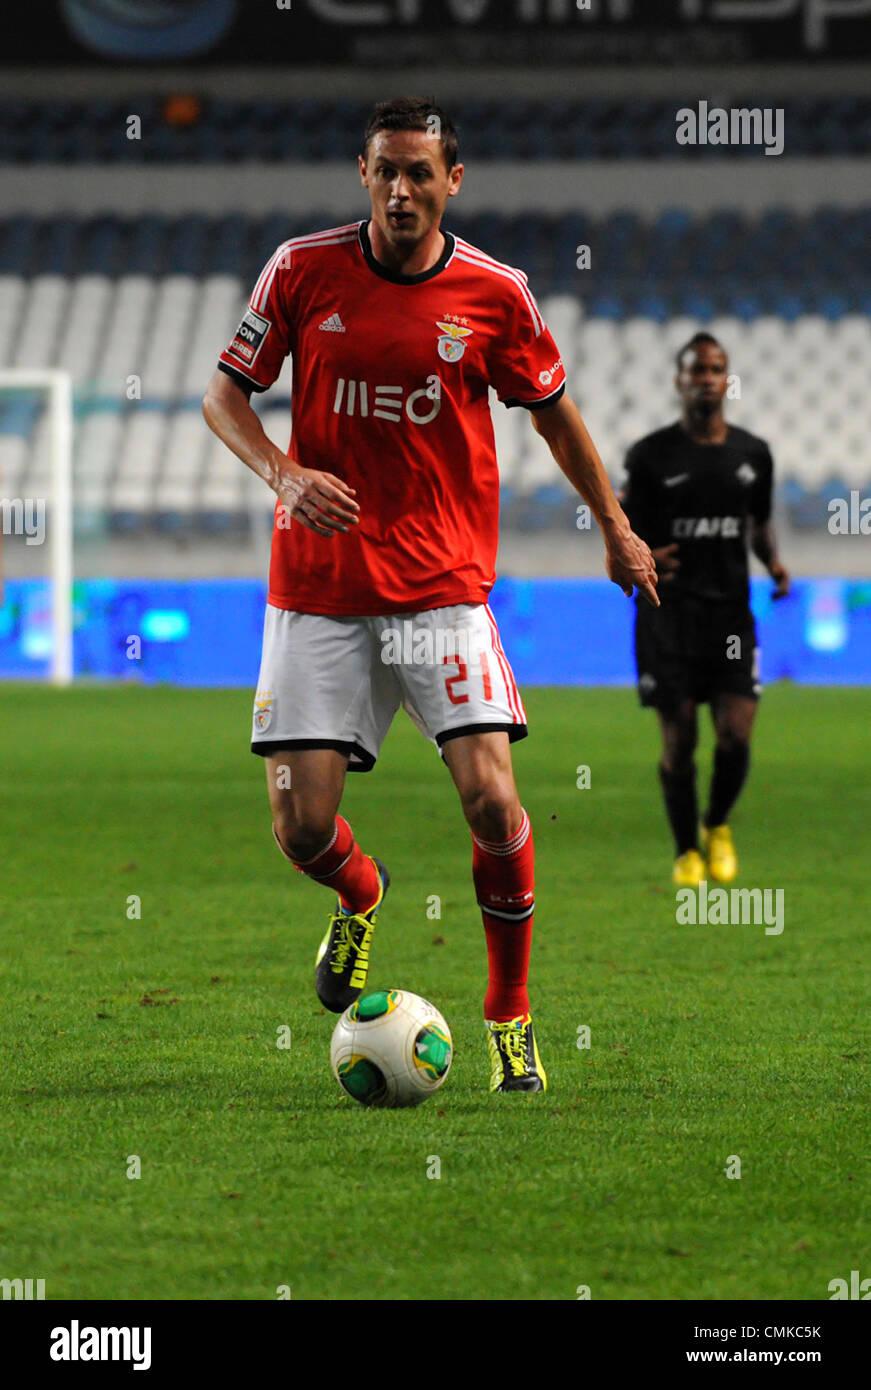 Sport Lisboa e Benfica Serbian midfielder Nemanja Matic during a